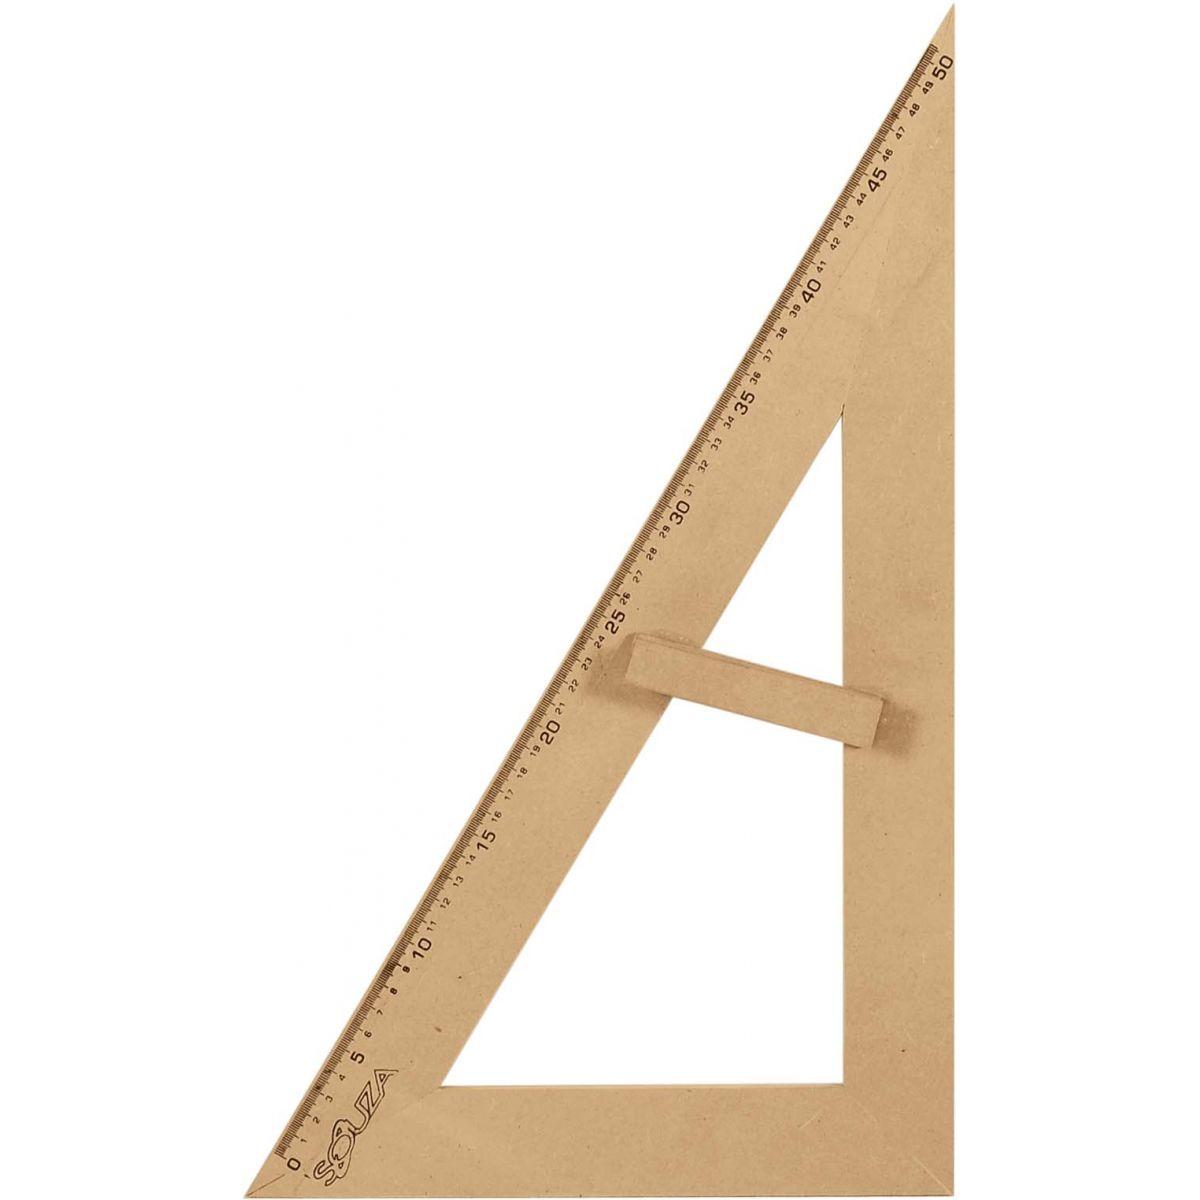 KIT Geométrico do Professor Em MDF Com 1 Esquadro de 30/60º 2934 Graus e 1 Esquadro 45º Graus 2936